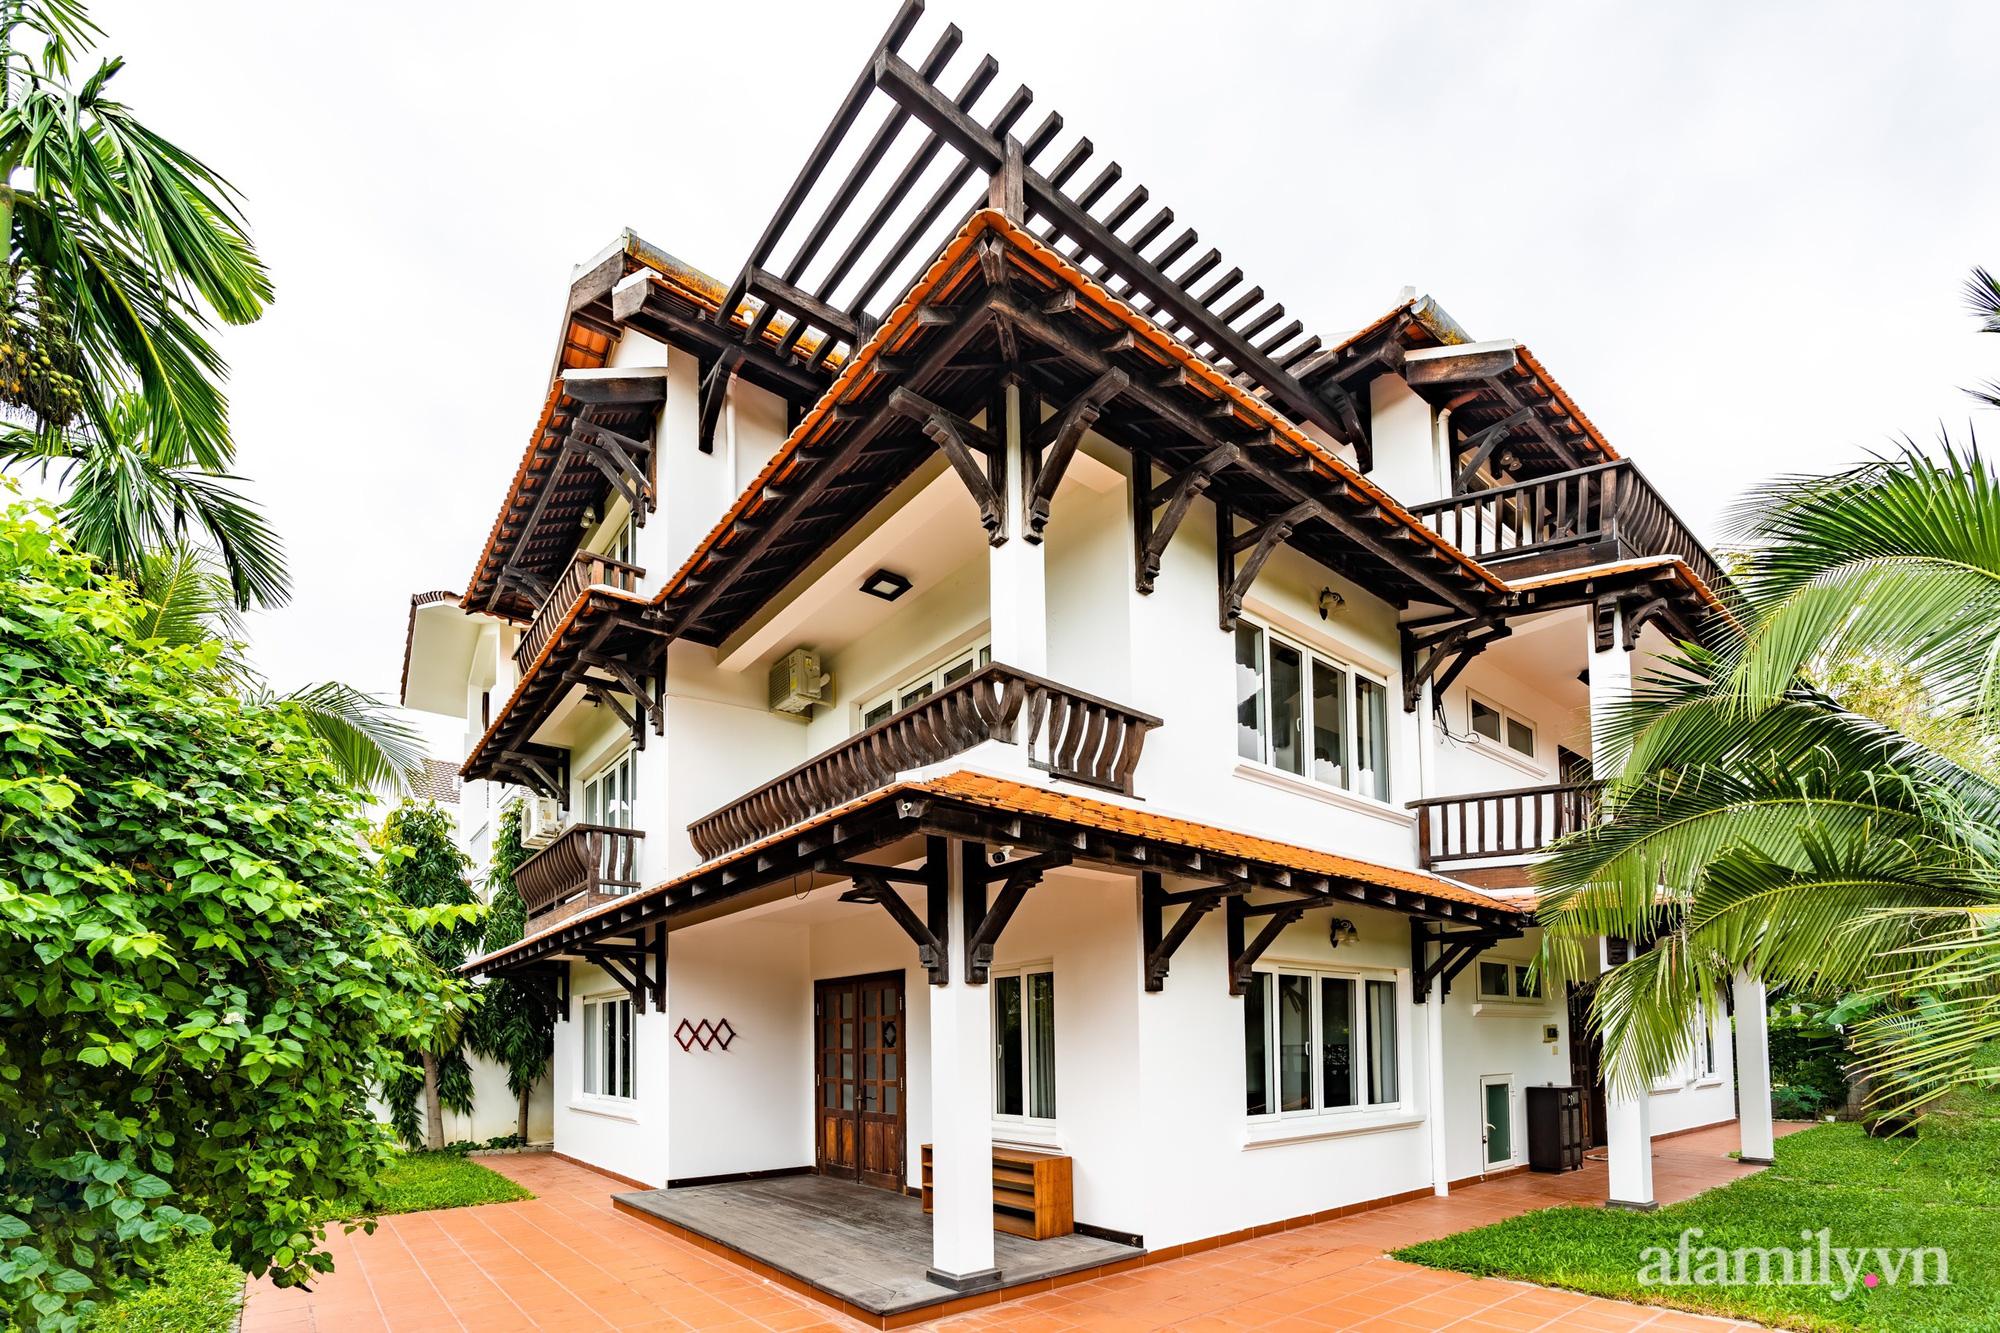 Căn nhà vườn xây 10 năm vẫn đẹp hút mắt với nội thất gỗ và cây xanh quanh nhà ở Nha Trang-4